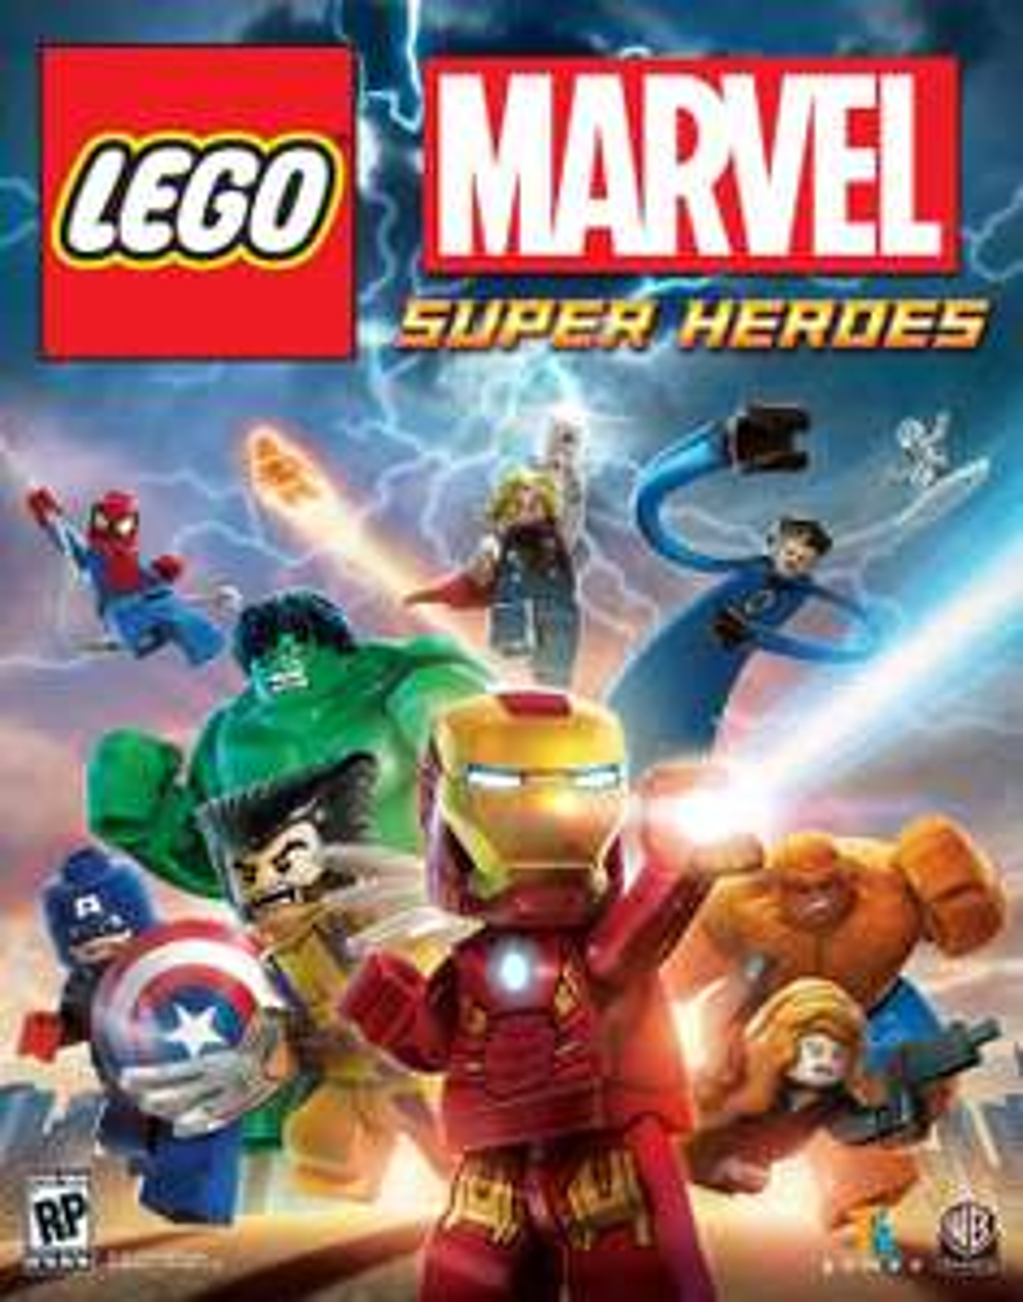 Sélection de jeux PS4 en promotion (Dématérialisés) - Ex: Battlefield 4 à 3,30€, Unravel à 8,27€ et Lego Marvel Super Heroes sur PS4